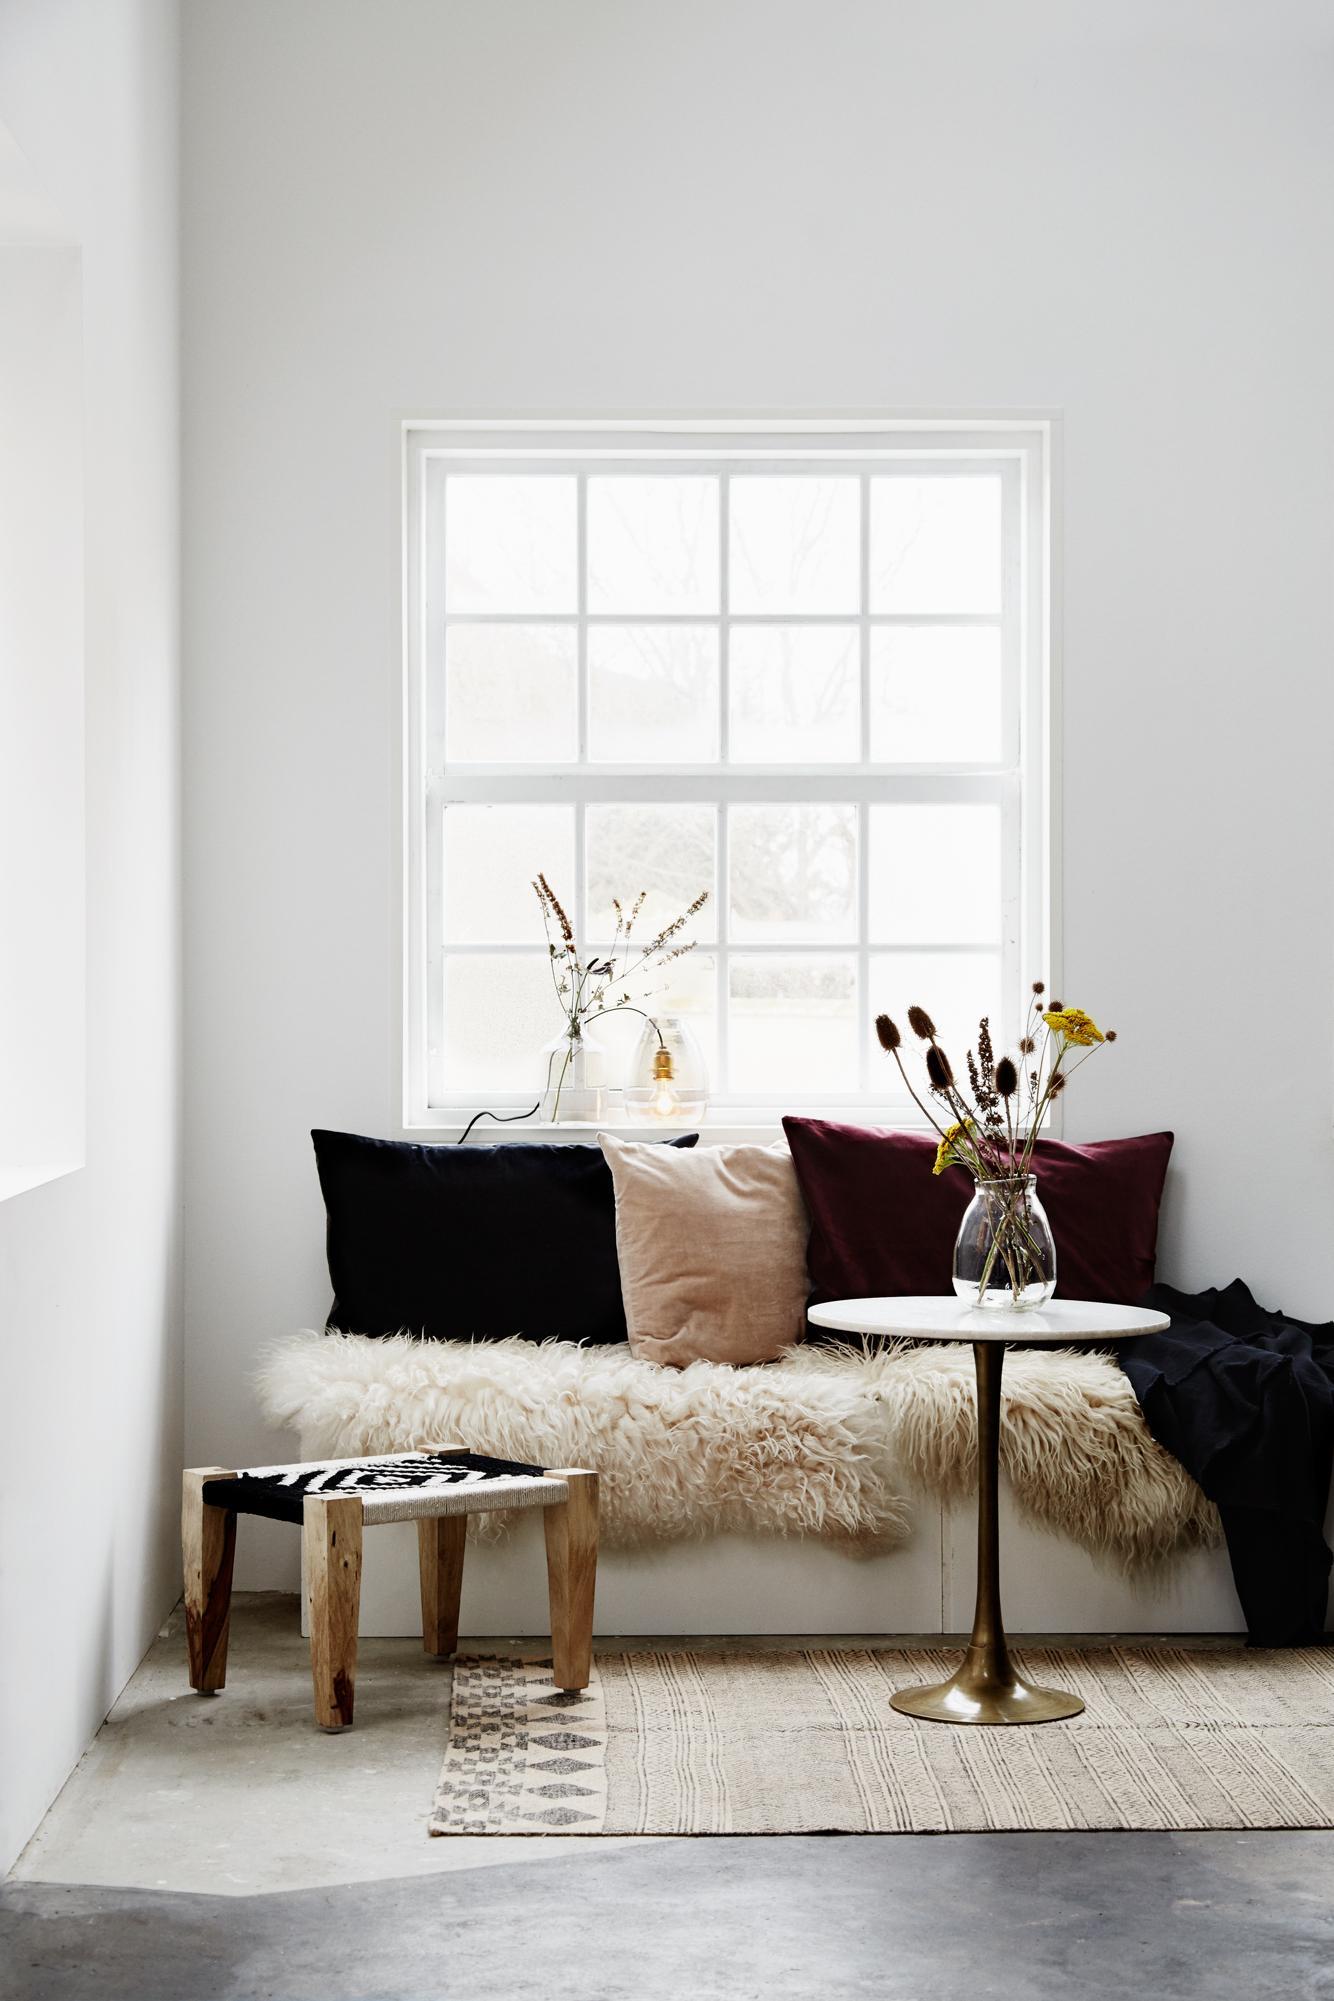 Superior Sitzbank Mit Schaffell #hocker #wohnzimmer #sitzbank #holzhocker #lammfell  #zimmergestaltung ©